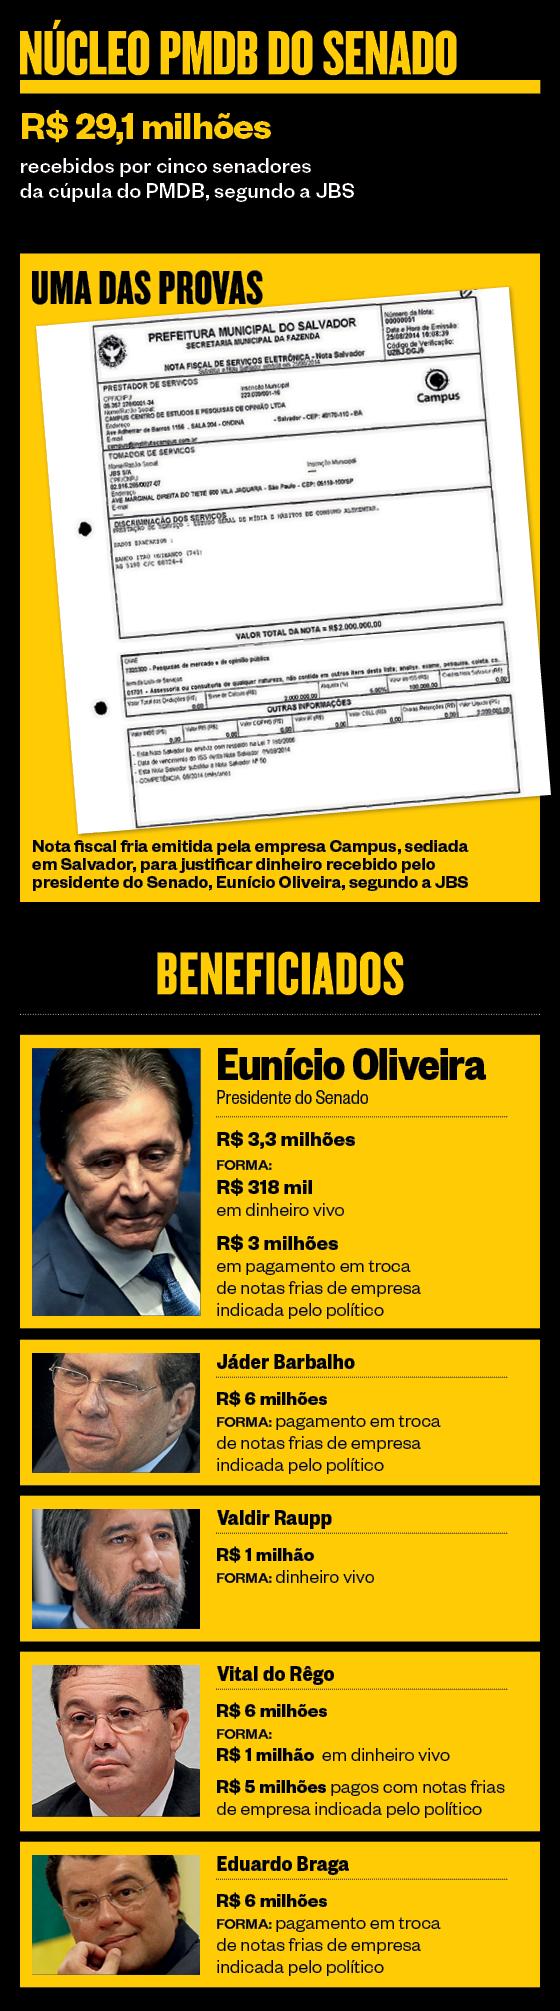 Núcleo PMDB do Senado (Foto: ÉPOCA)